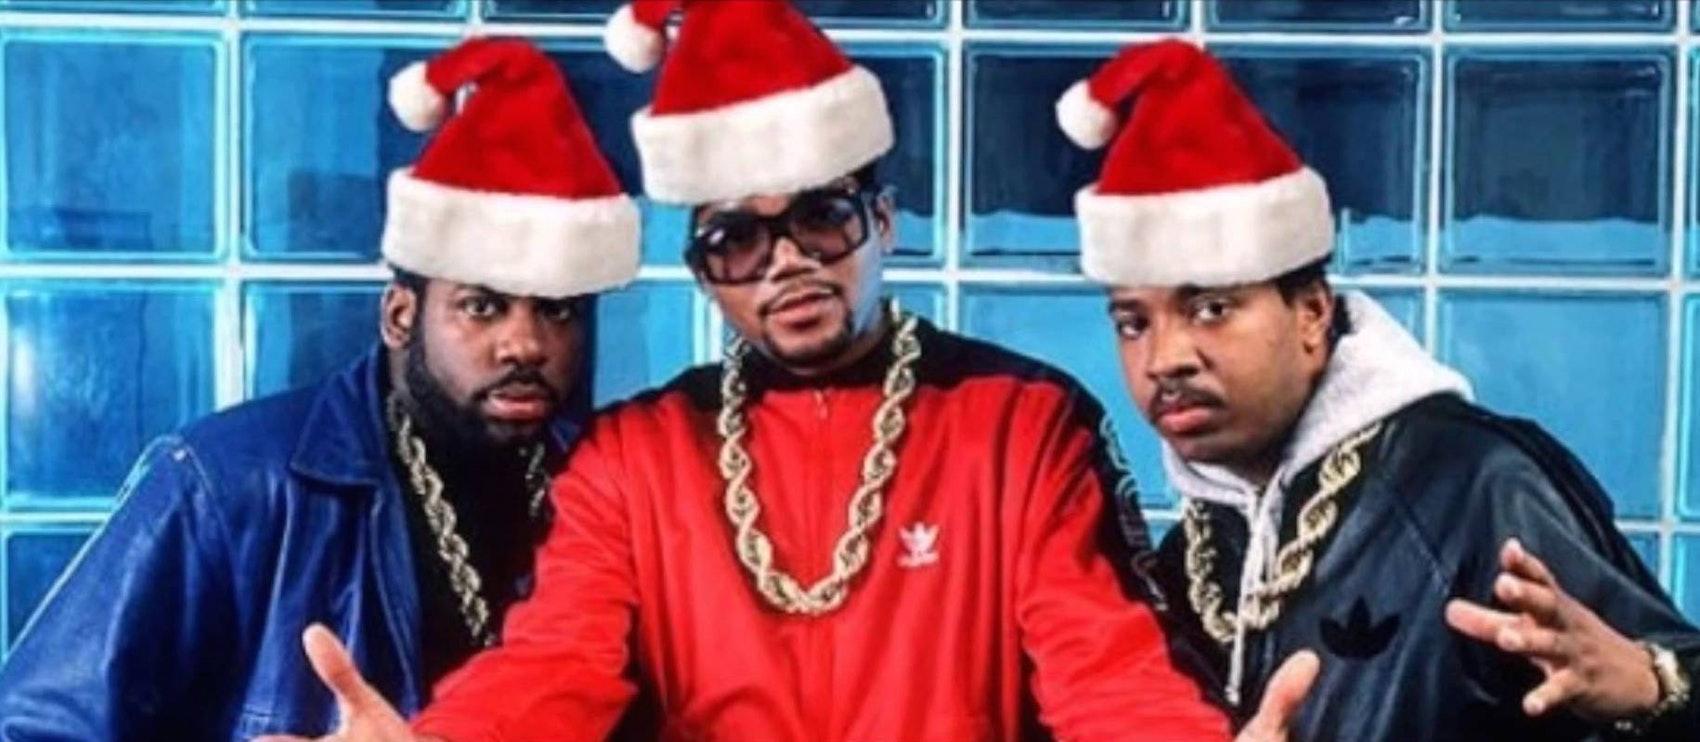 The Best Christmas Rap — Vinyl Me, Please